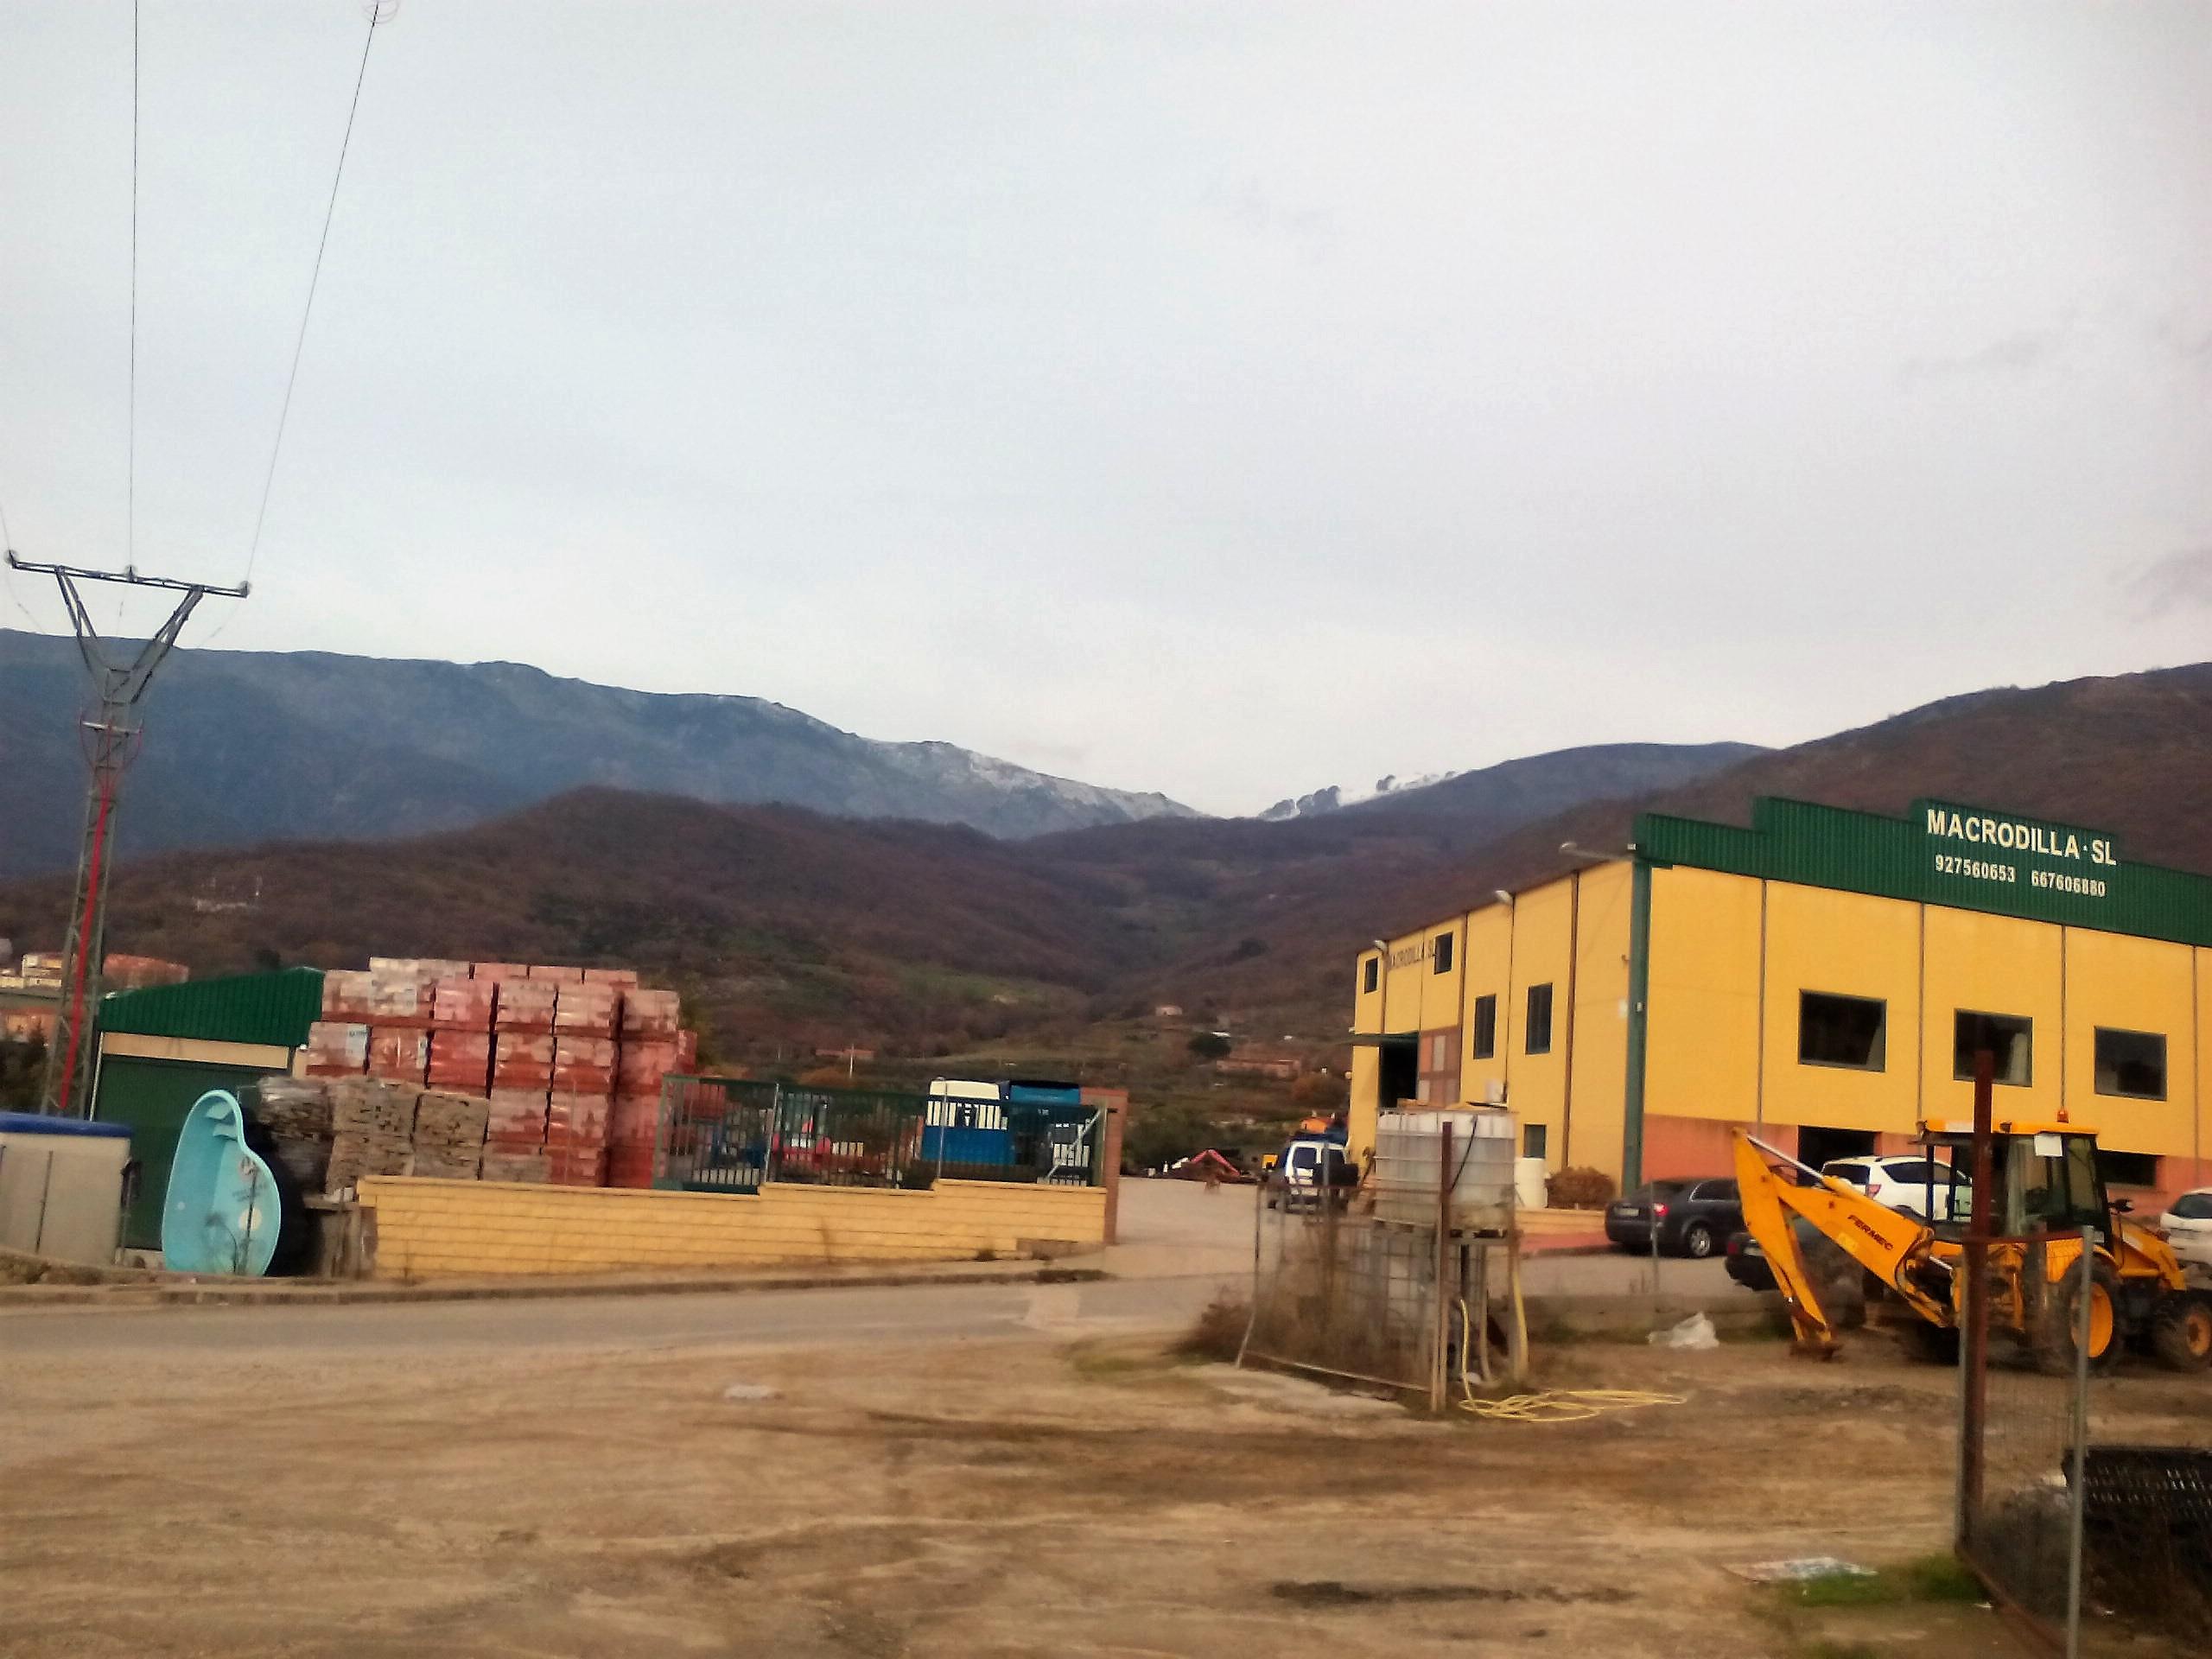 Materiales de construcci n y transportes en jarandilla de - Materiales de construccion las palmas ...